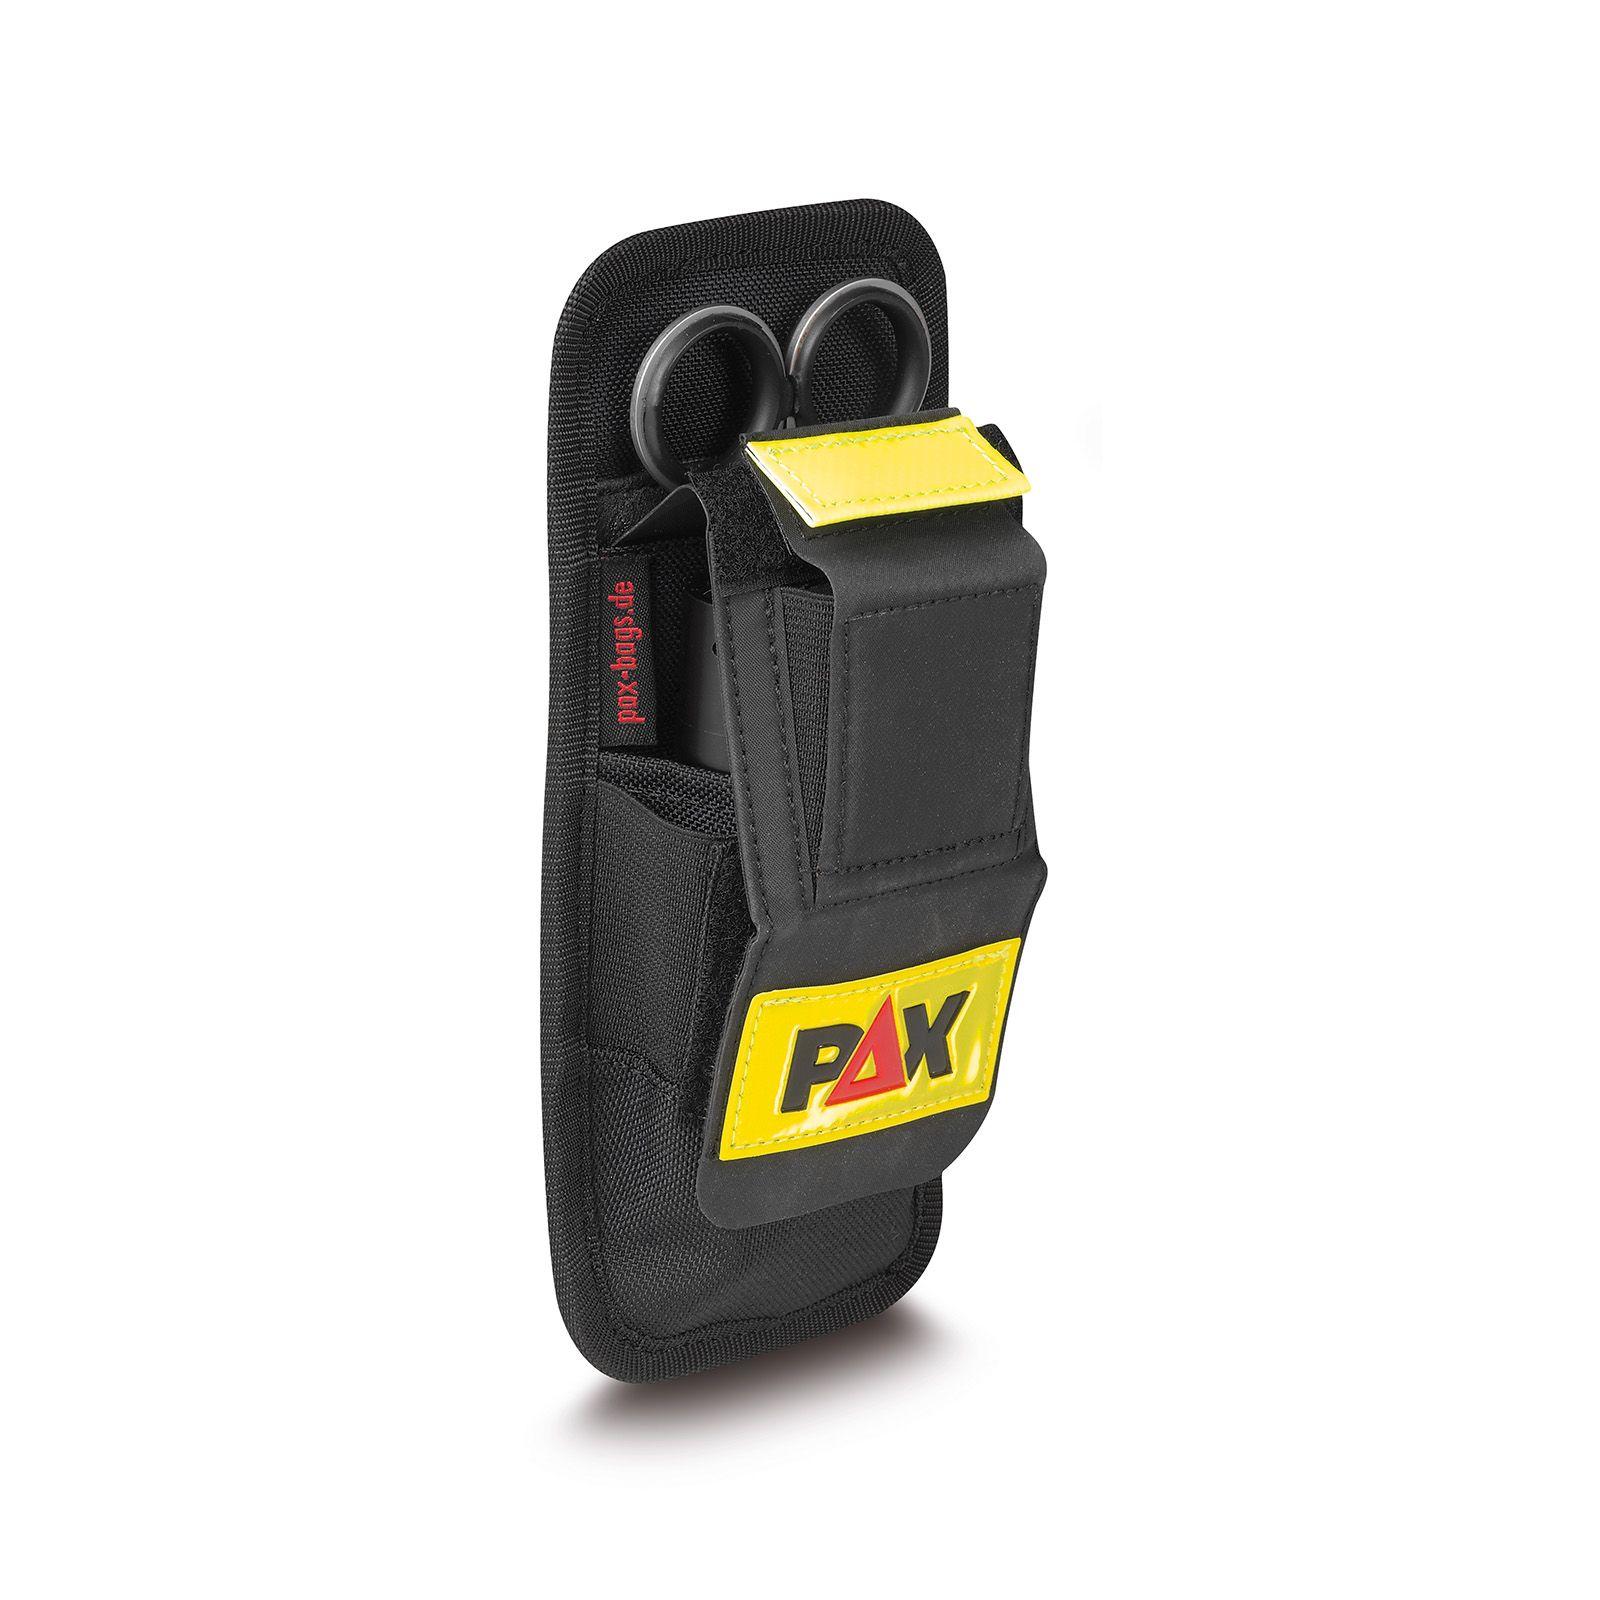 Pro Series-Holster Lampe S, PAX-Dura in schwarz